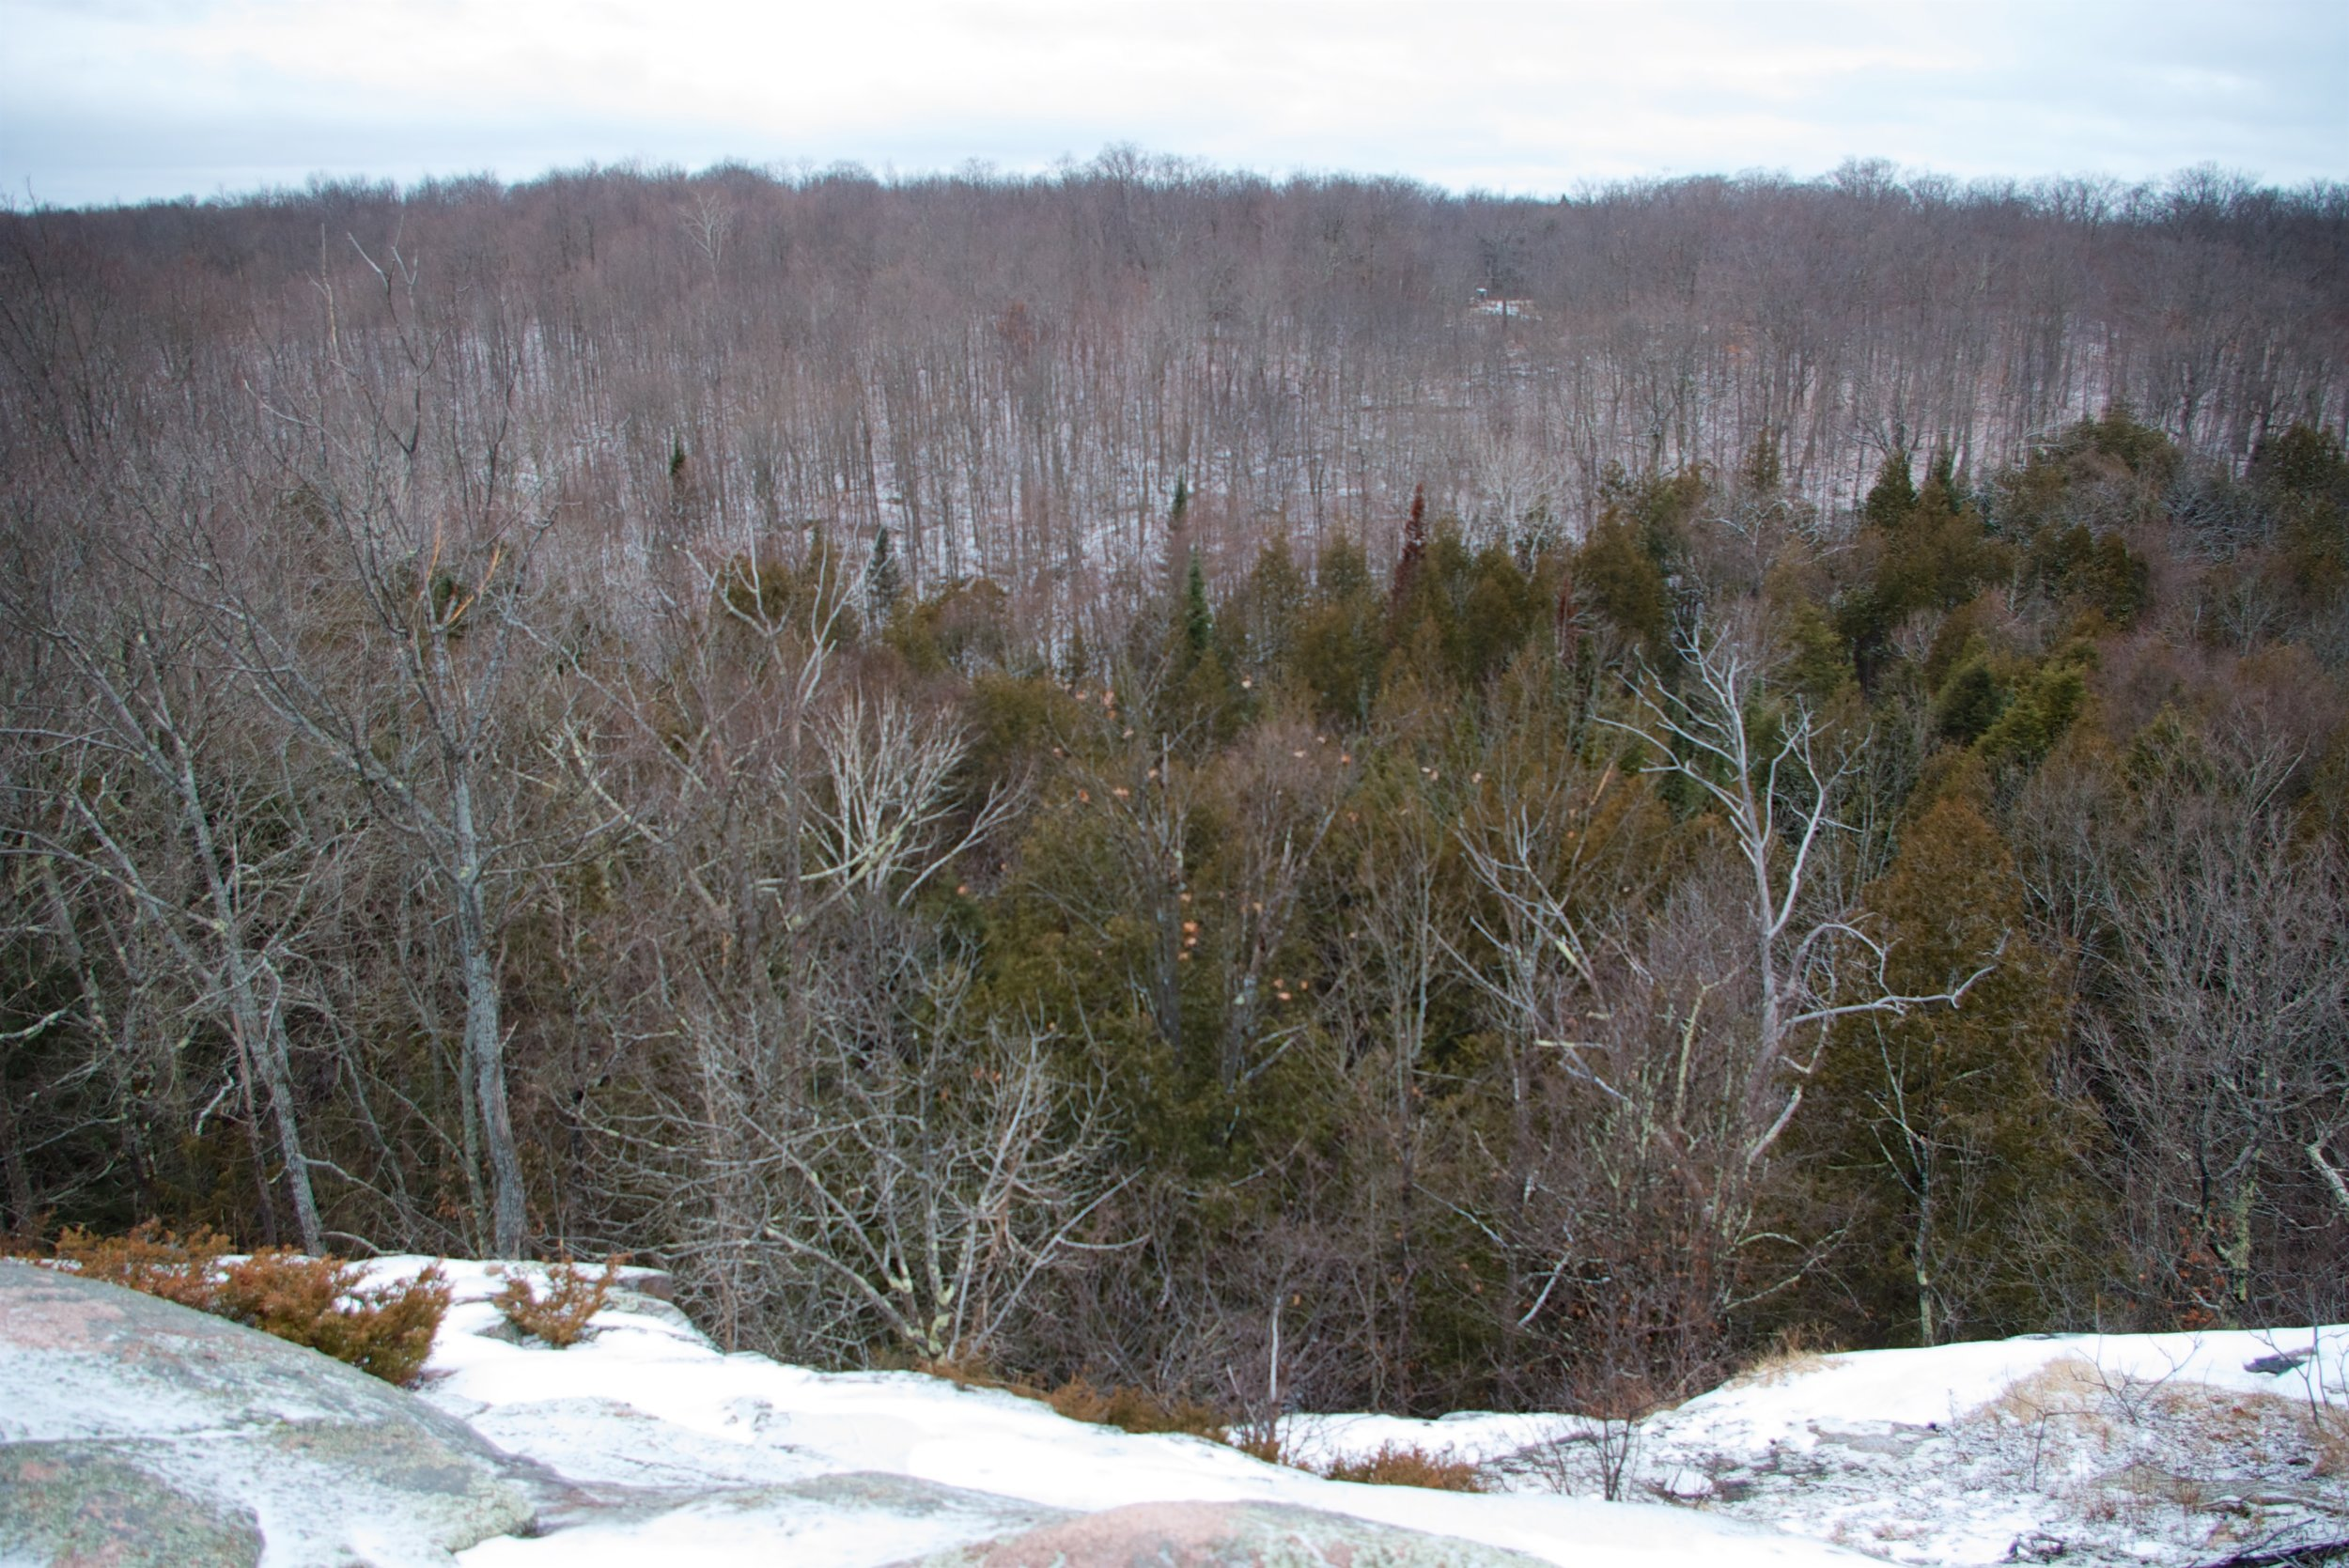 Ancient woodland, Madoc Township